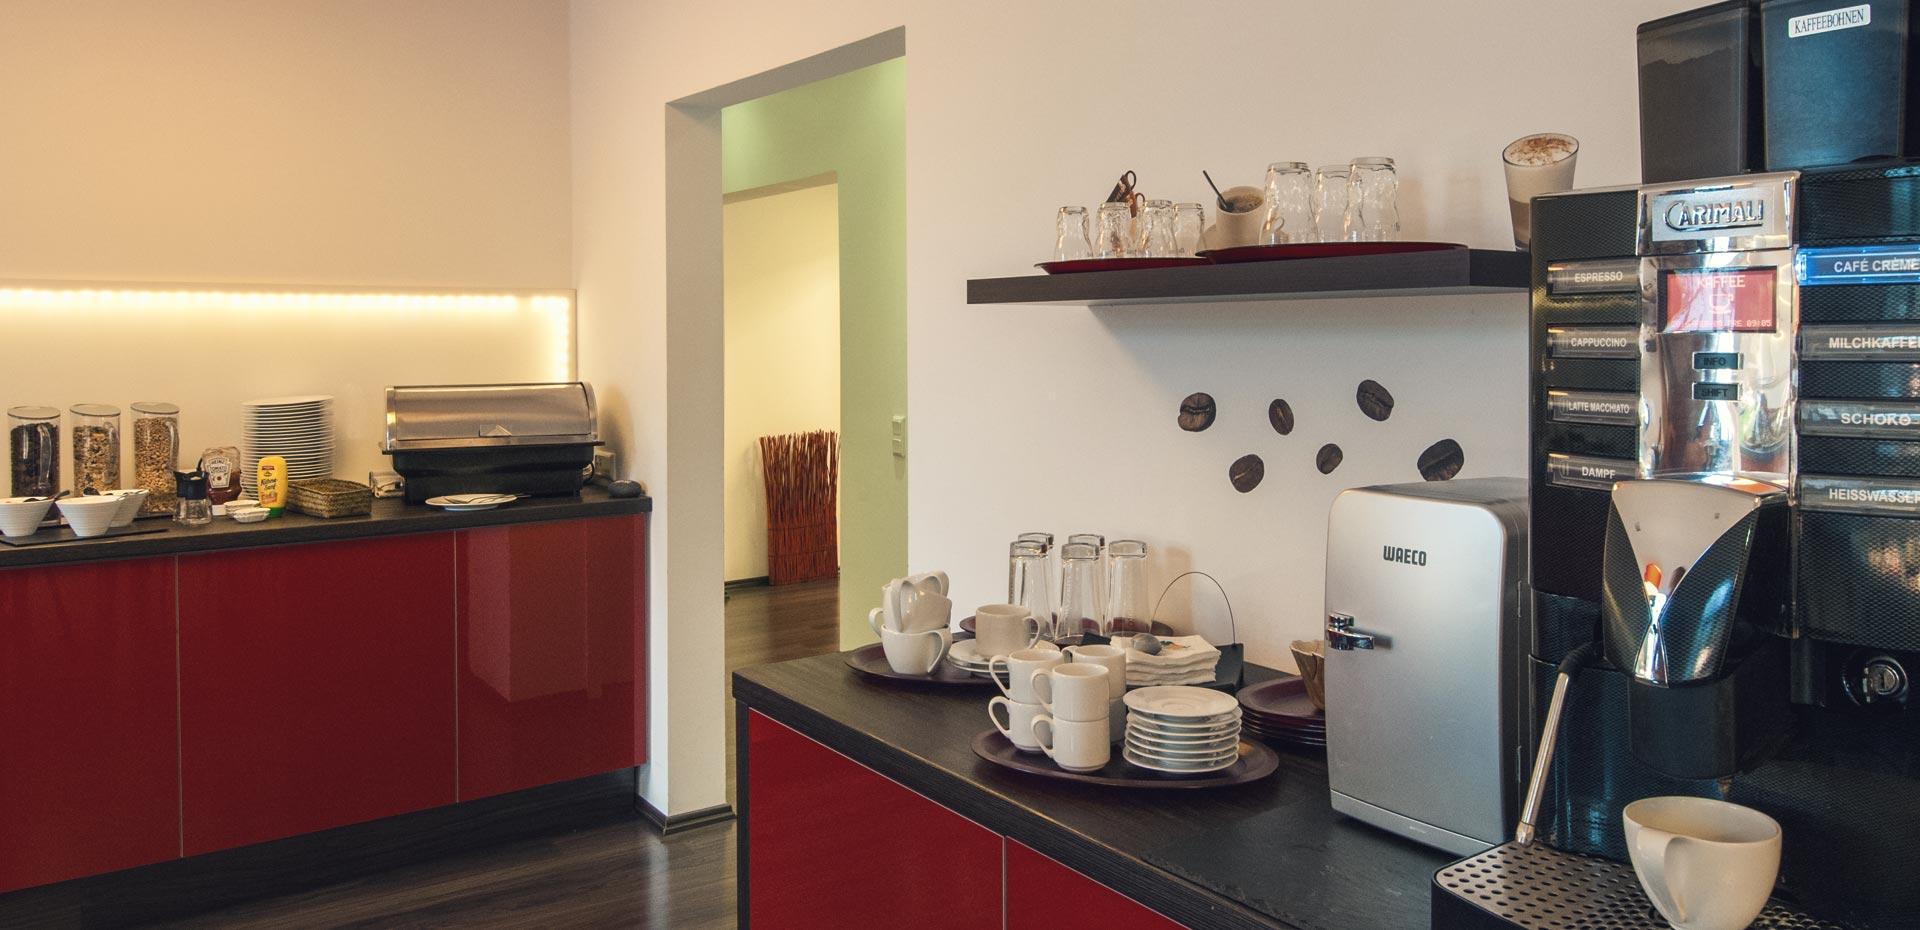 Kaffee und Tee zum Frühstück Hotel in Frechen